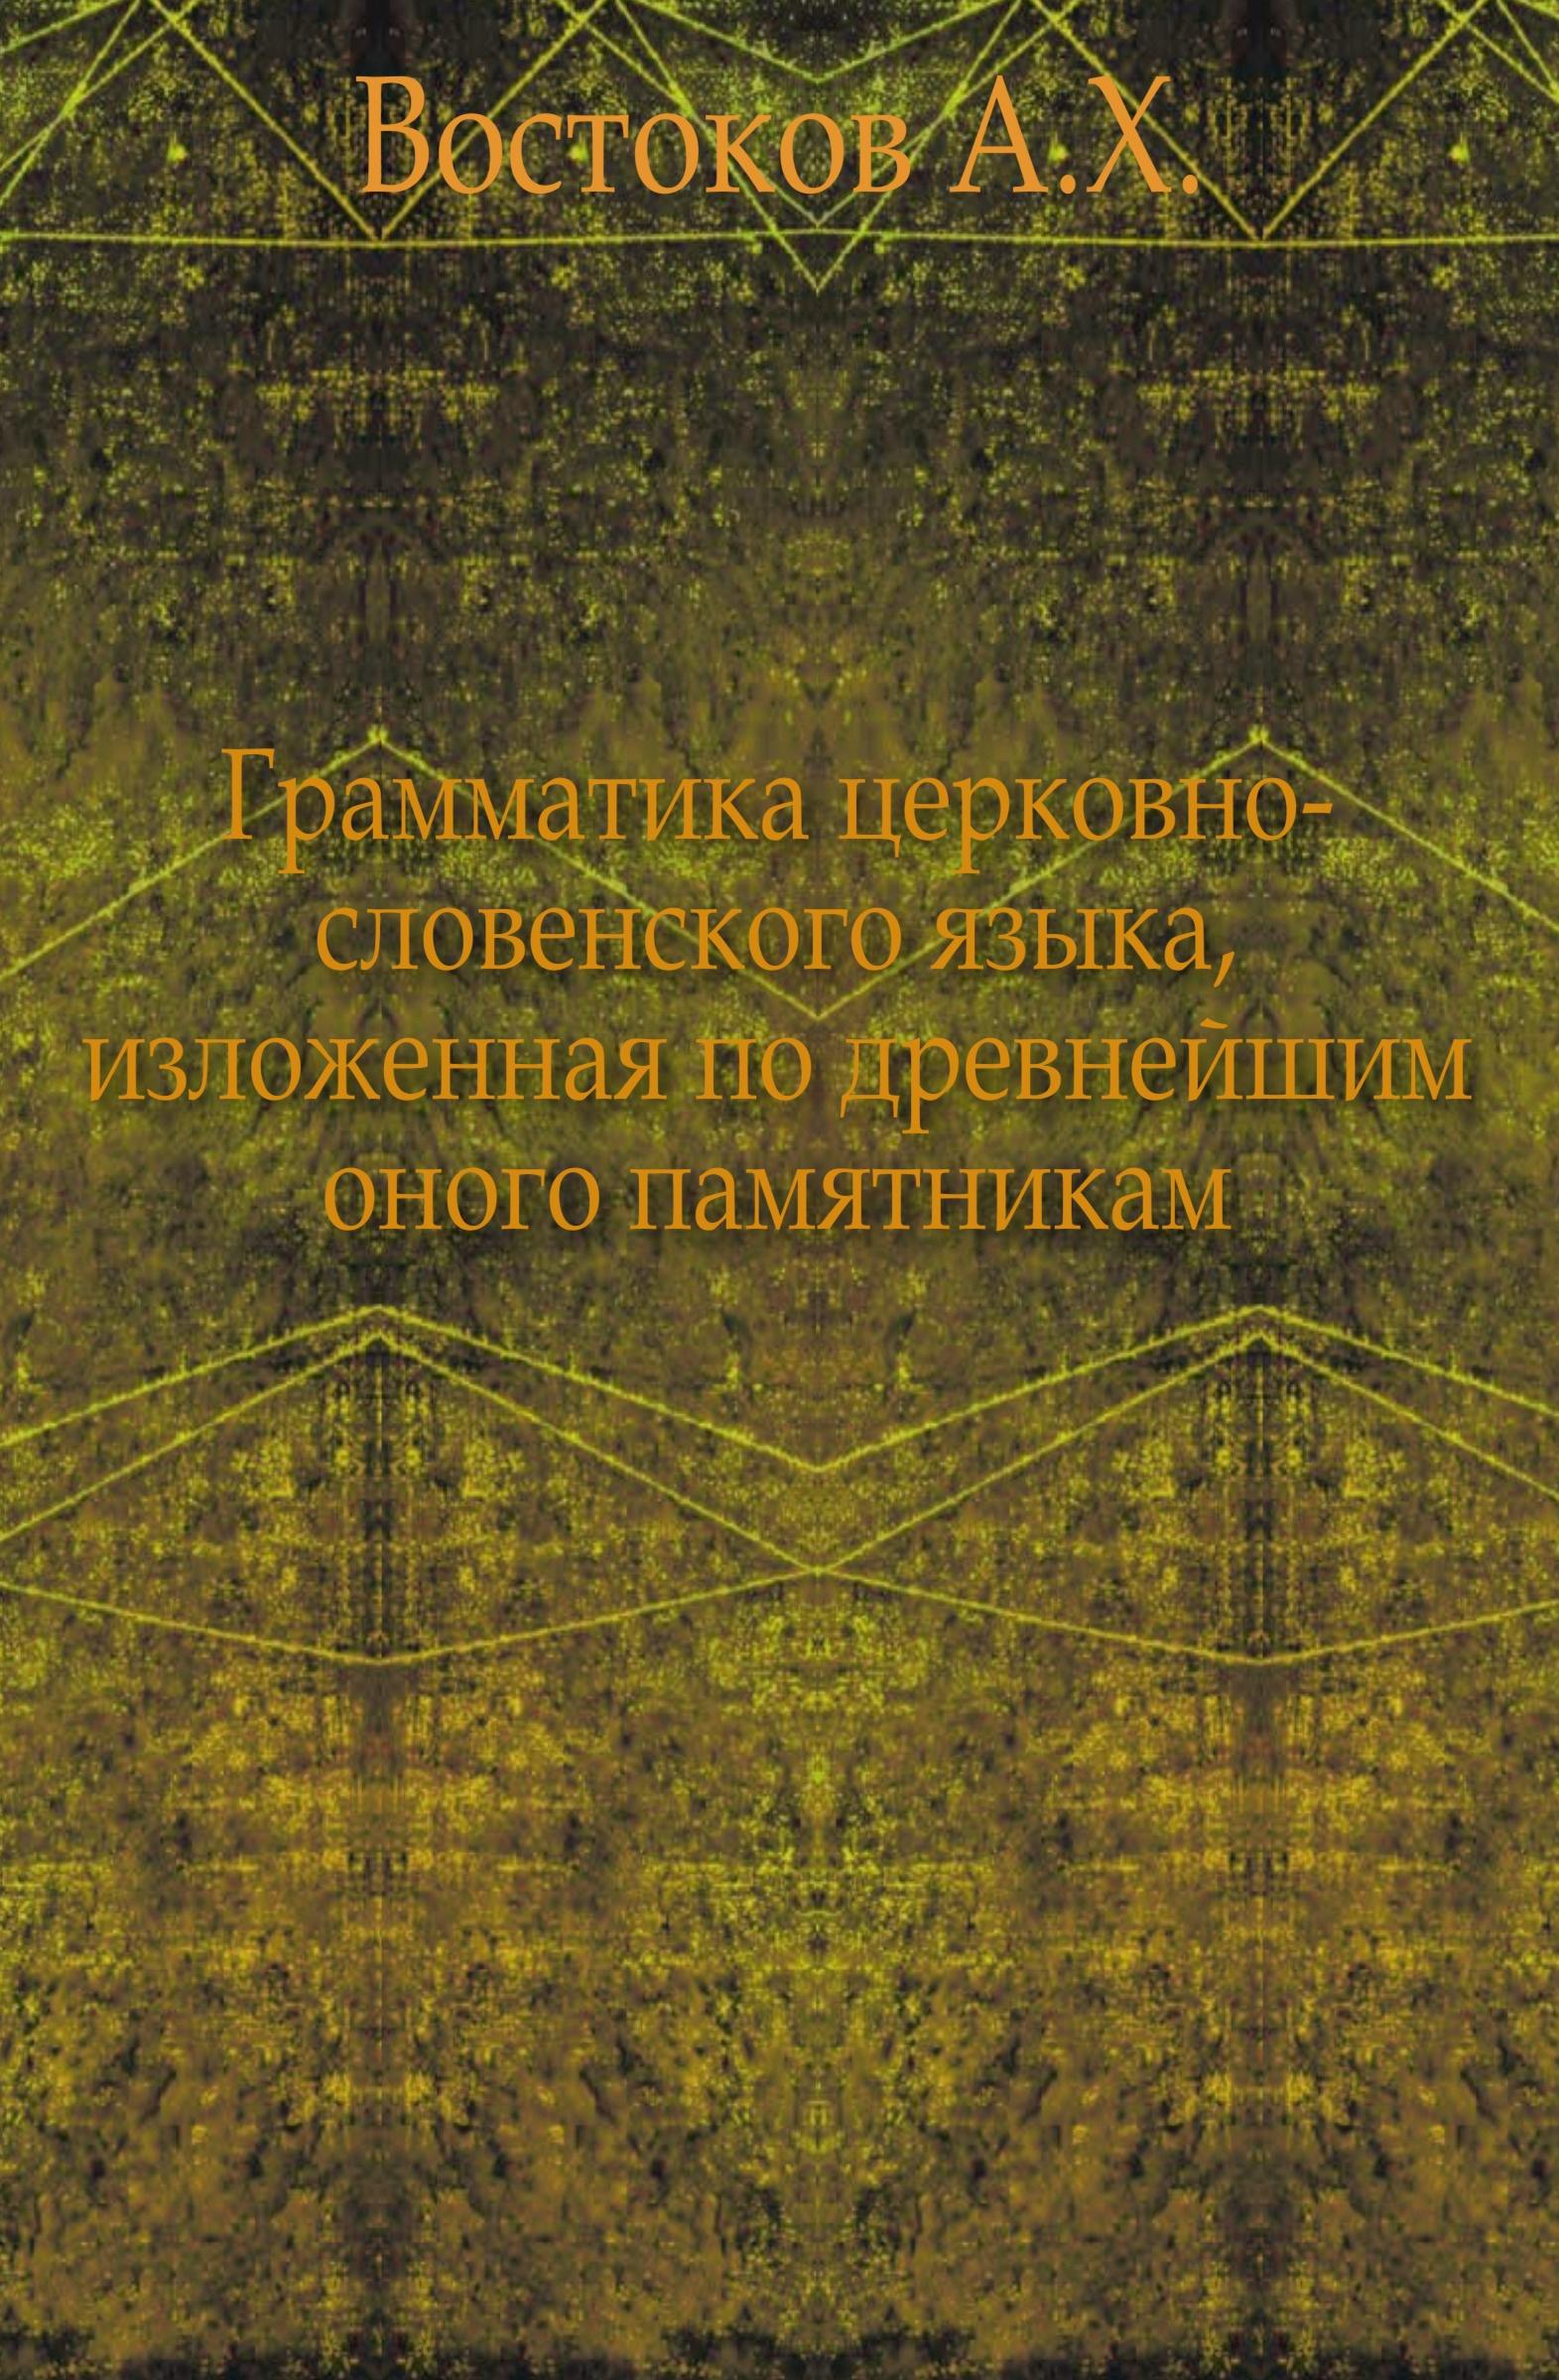 А.Х. Востоков Грамматика церковно-словенского языка, изложенная по древнейшим оного памятникам